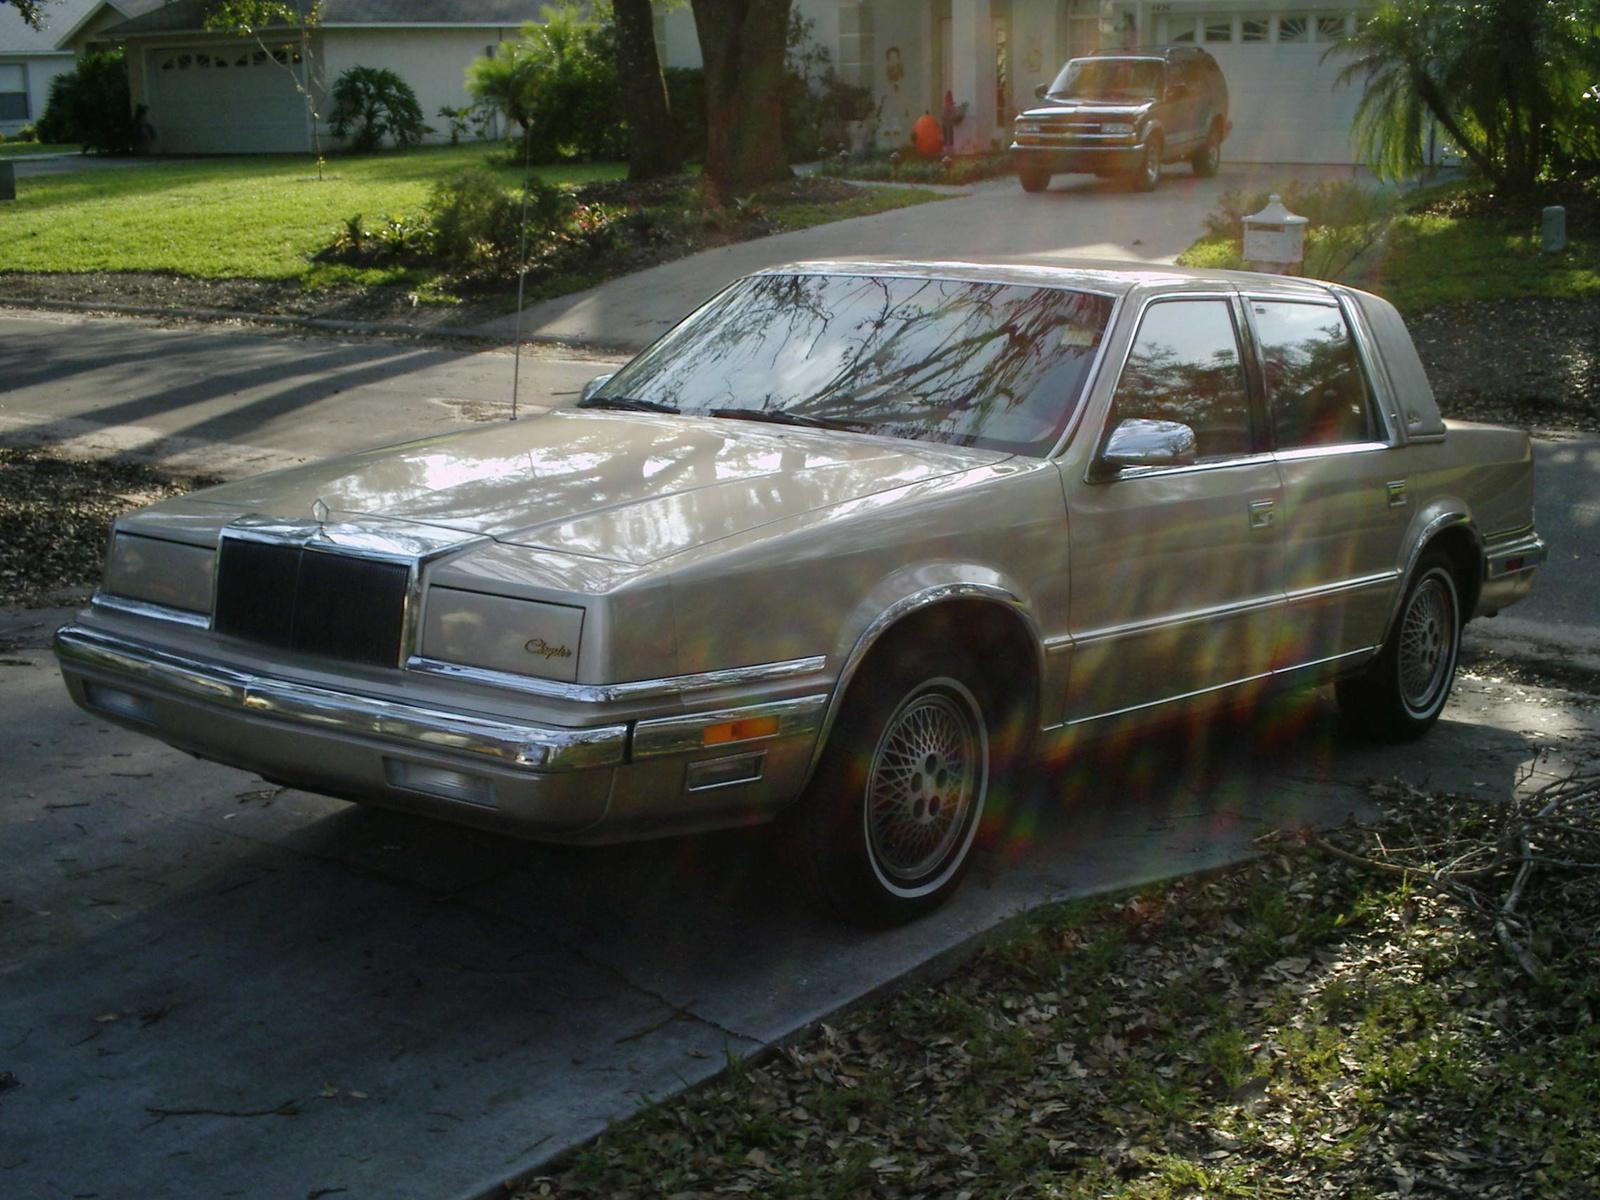 1991 chrysler new yorker exterior pictures cargurus for 1991 chrysler new yorker salon